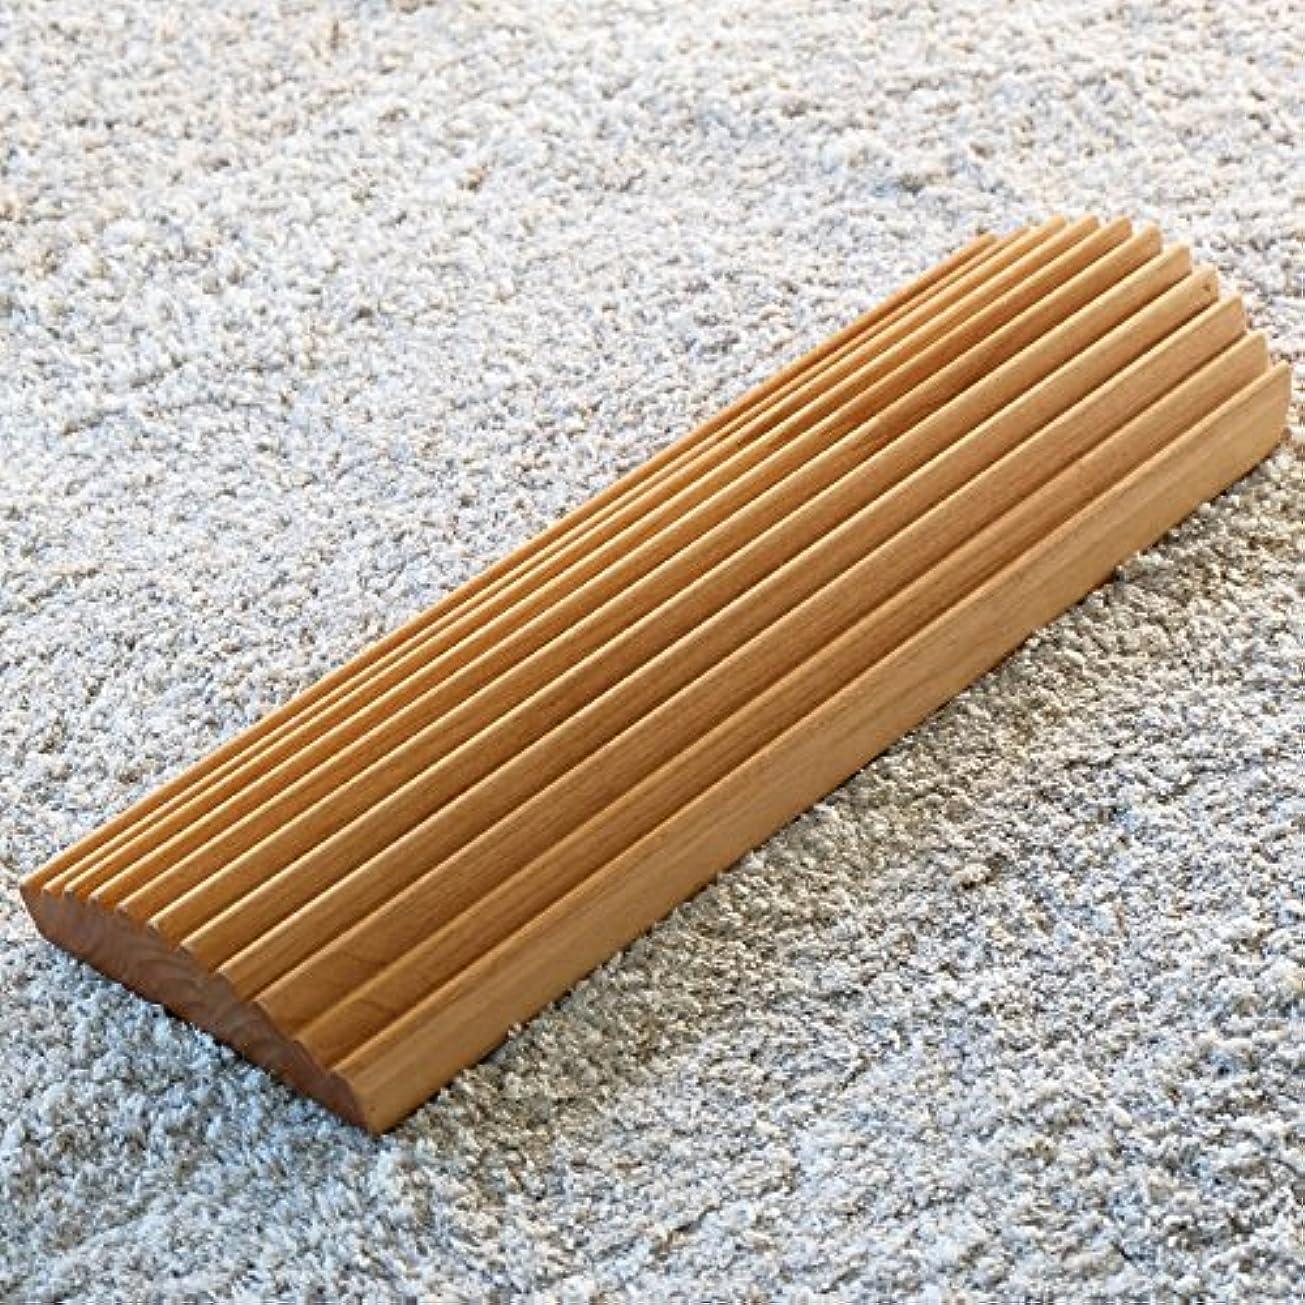 私ほうき三ISSEIKI 足踏み アルダー材 幅40cm FIT ASIFUMI 40 (NA) フットケア 木製 おしゃれ プレゼント 指圧代用 FIT ASIFUMI 40 (AL-NA)